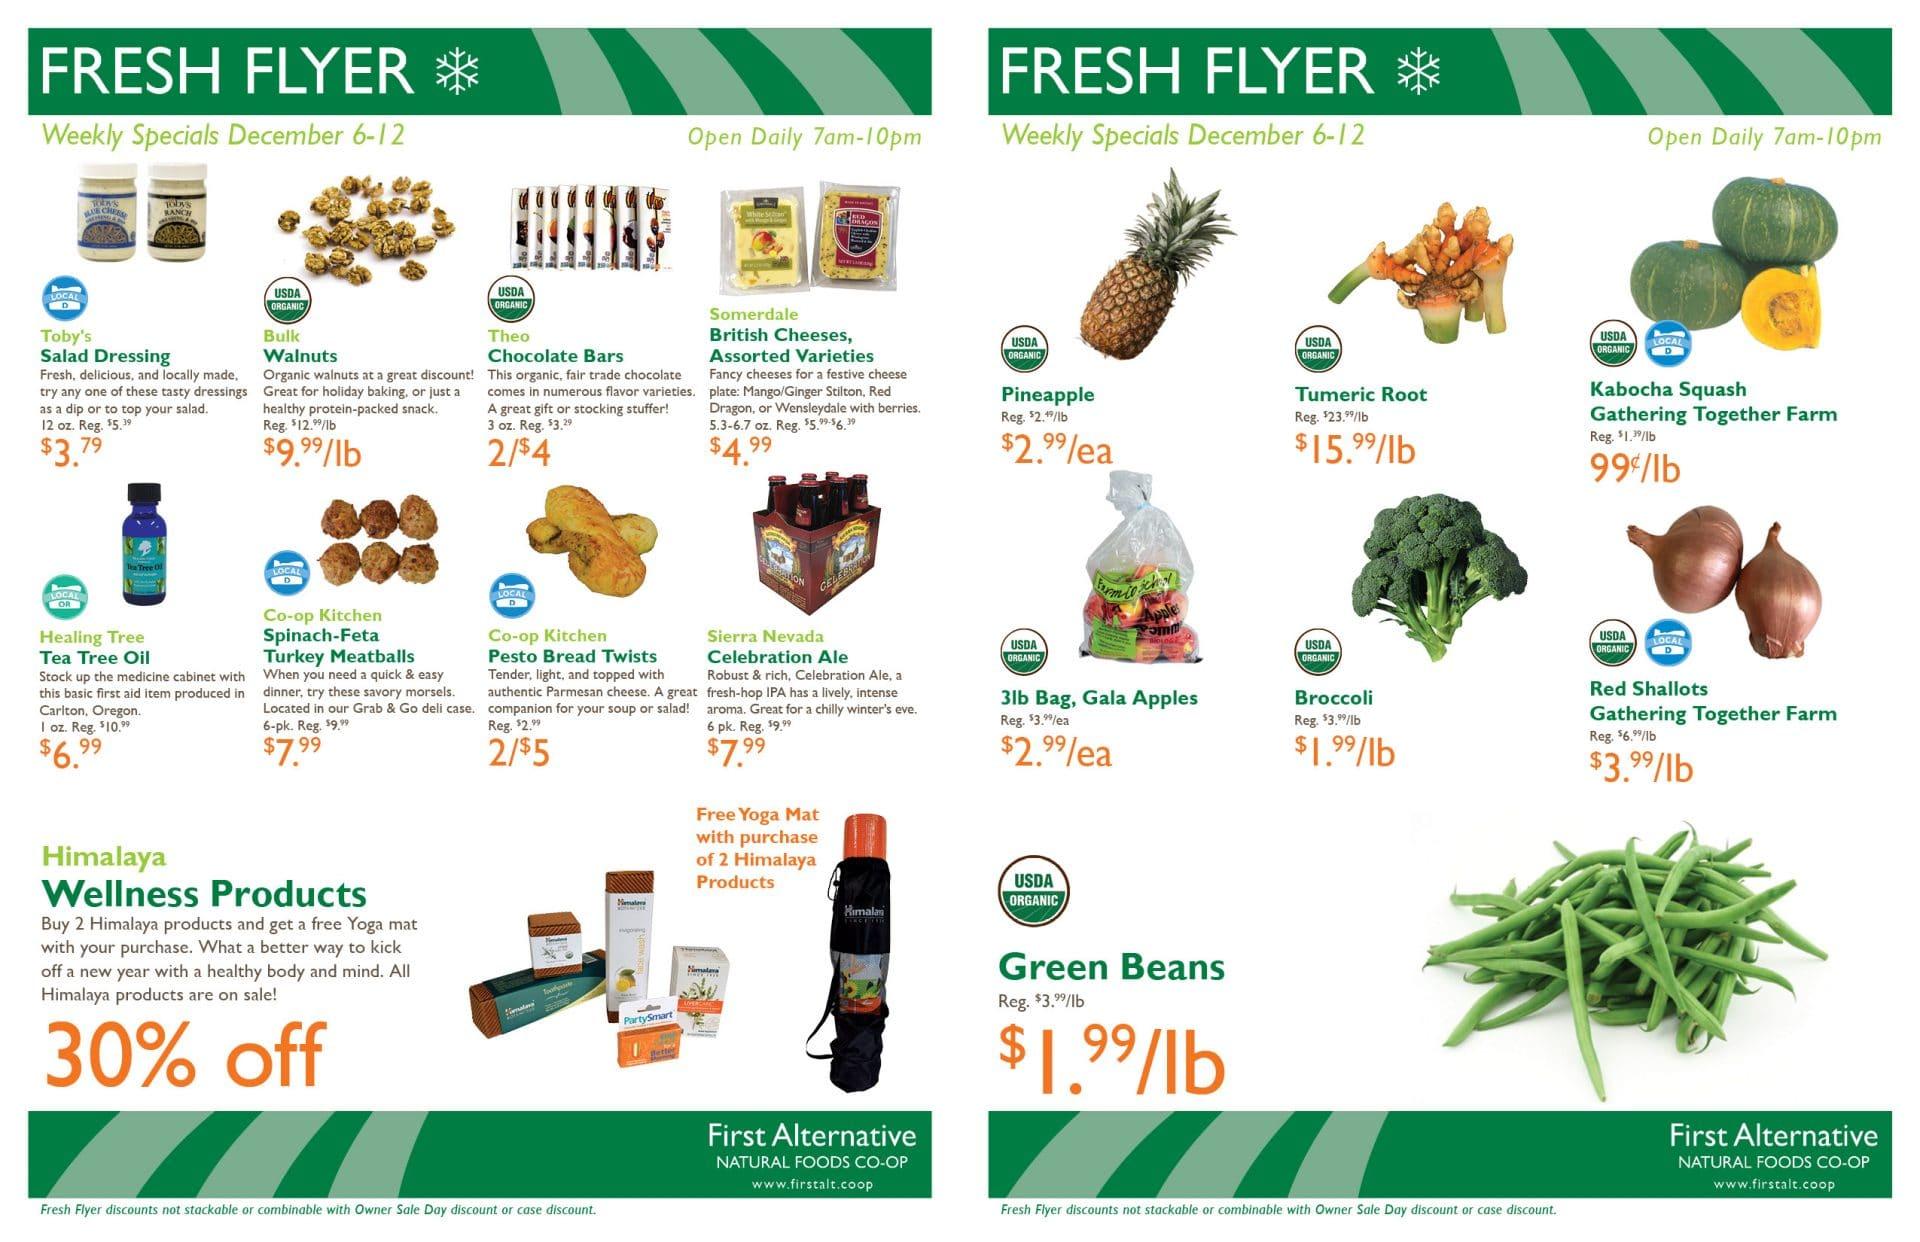 First Alternative Co-op Fresh Flyer November 29-December 5